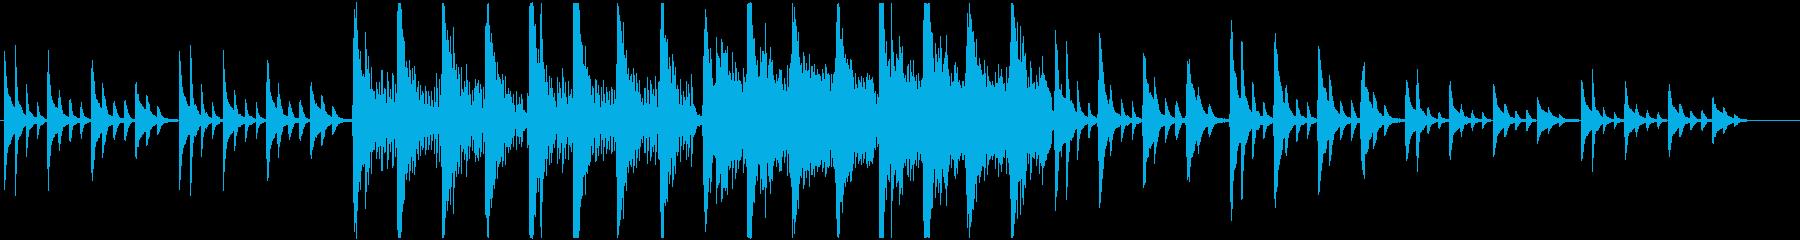 アコースティック系 少し切ない和風な曲の再生済みの波形